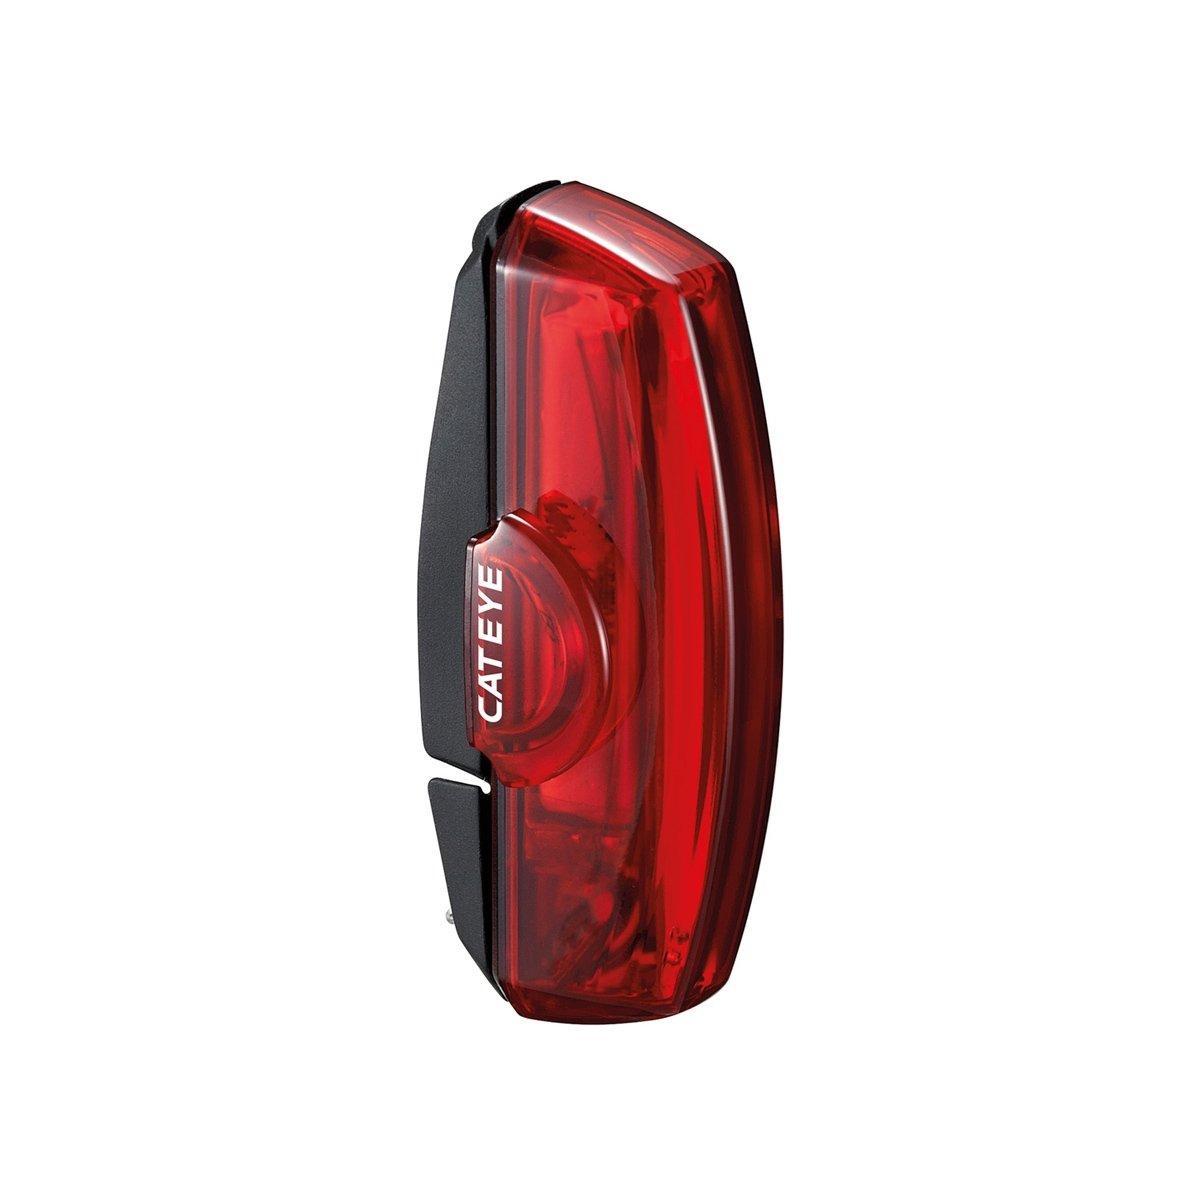 Cateye Rapid X2 Kinetic Rear Bike Light